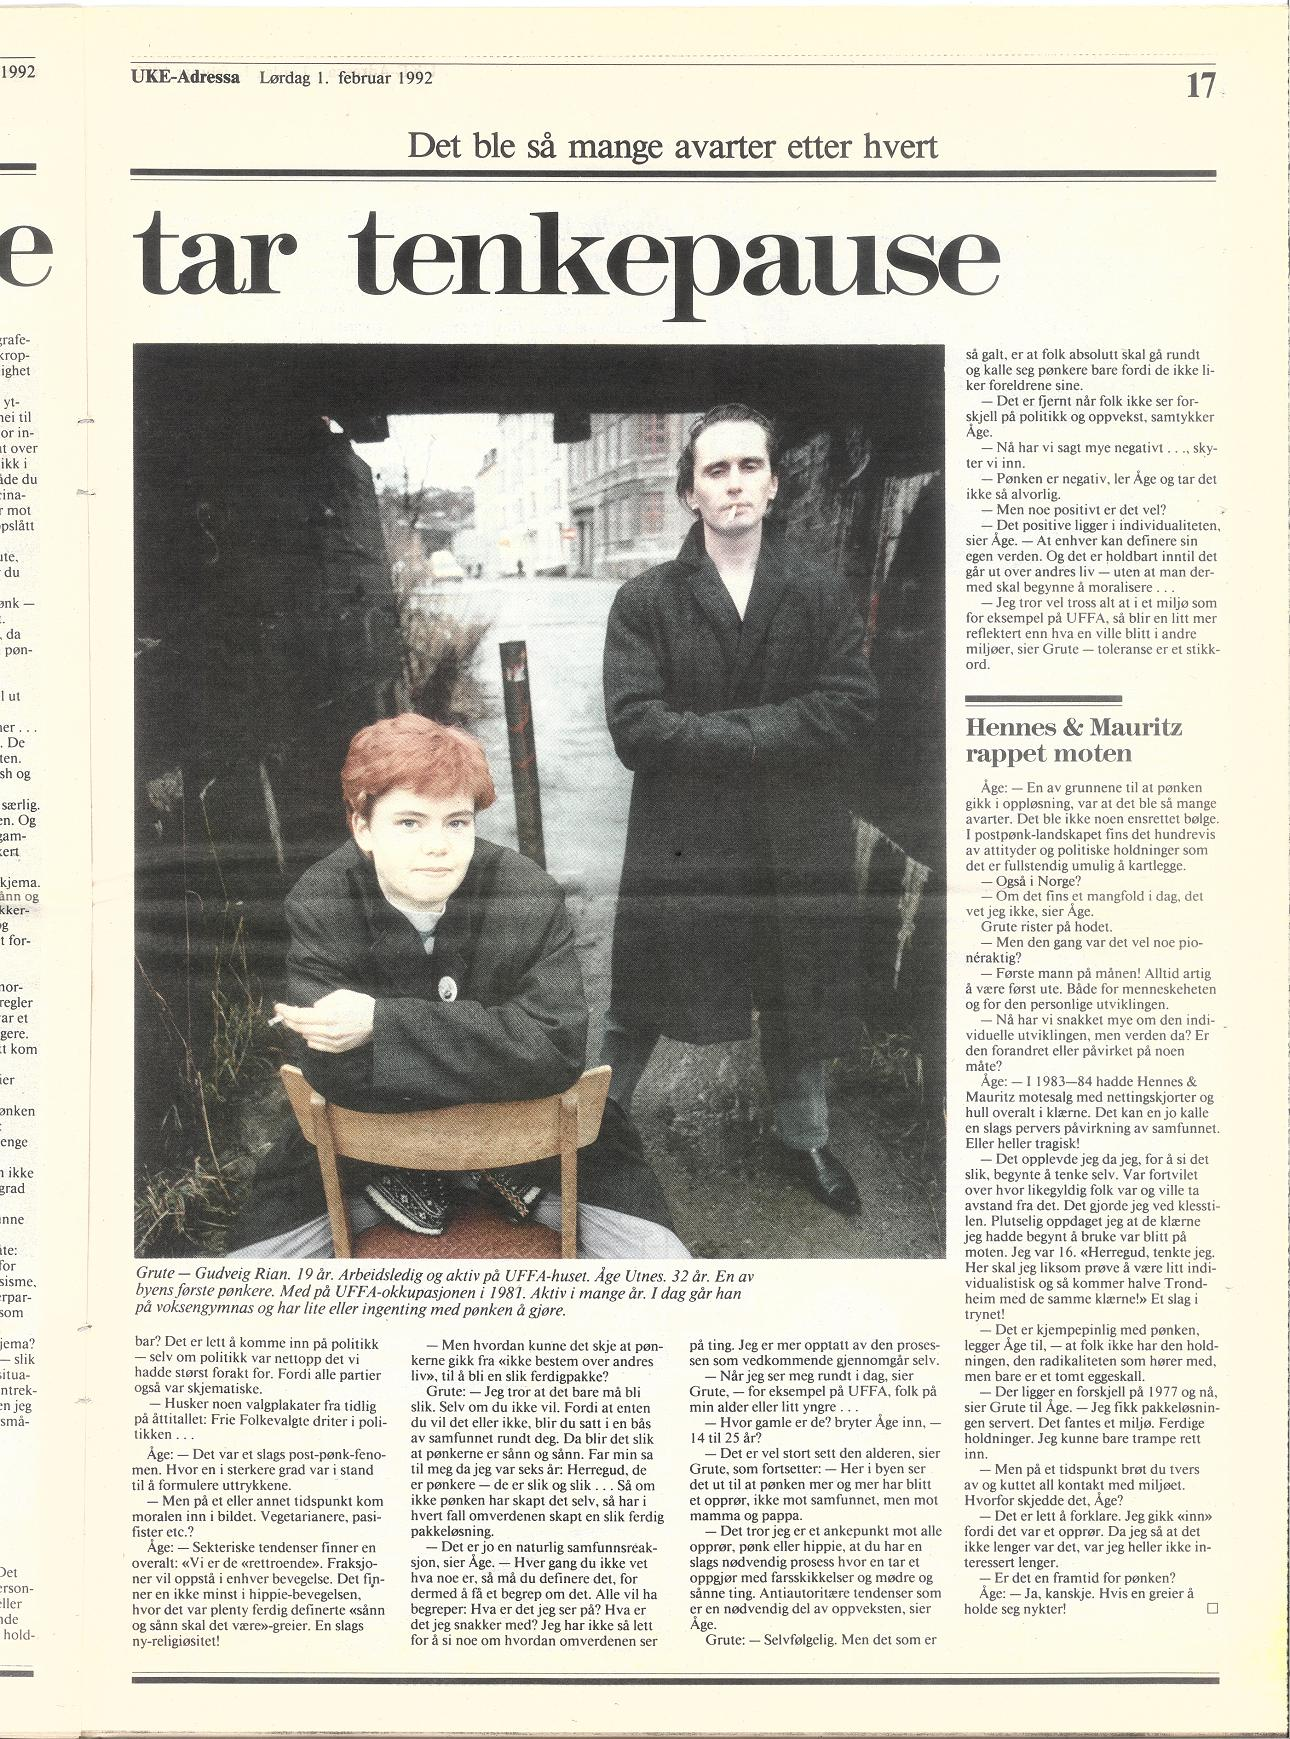 Uke-Adressa 1. februar 1992, høyre side (Klikk for større faksimile!)